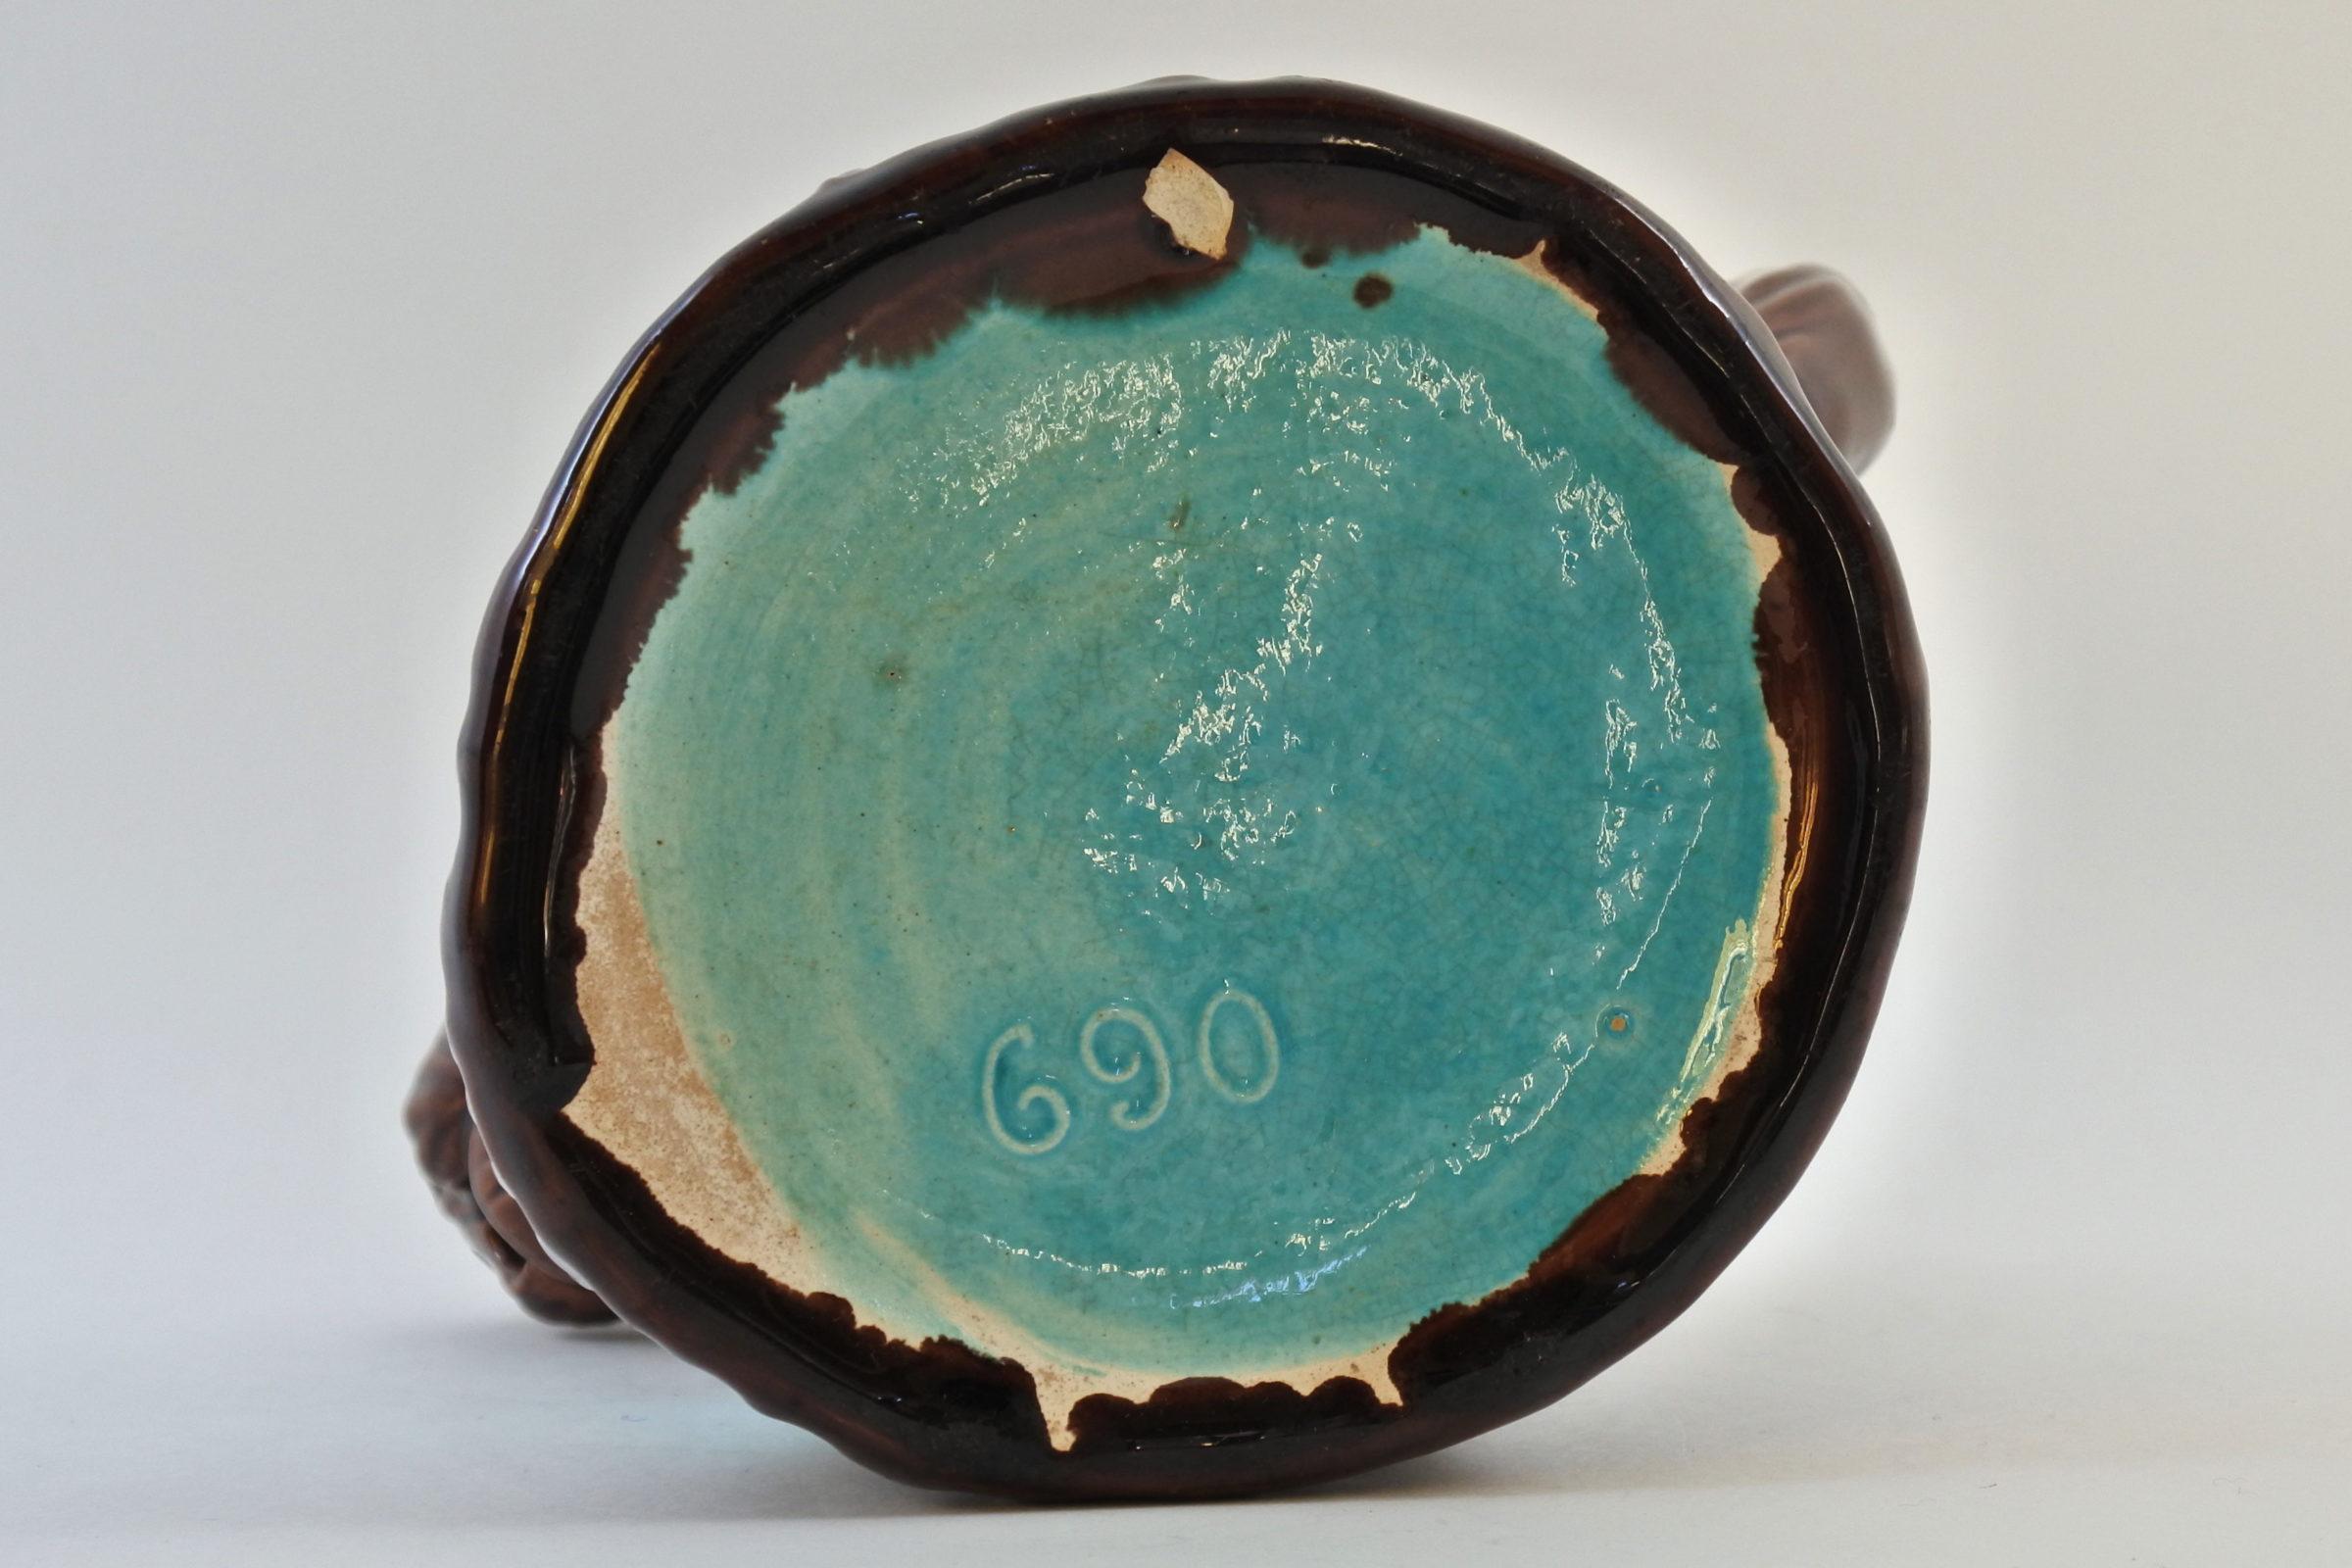 Brocca in ceramica barbotine a forma di cane con fiocco azzurro - 5